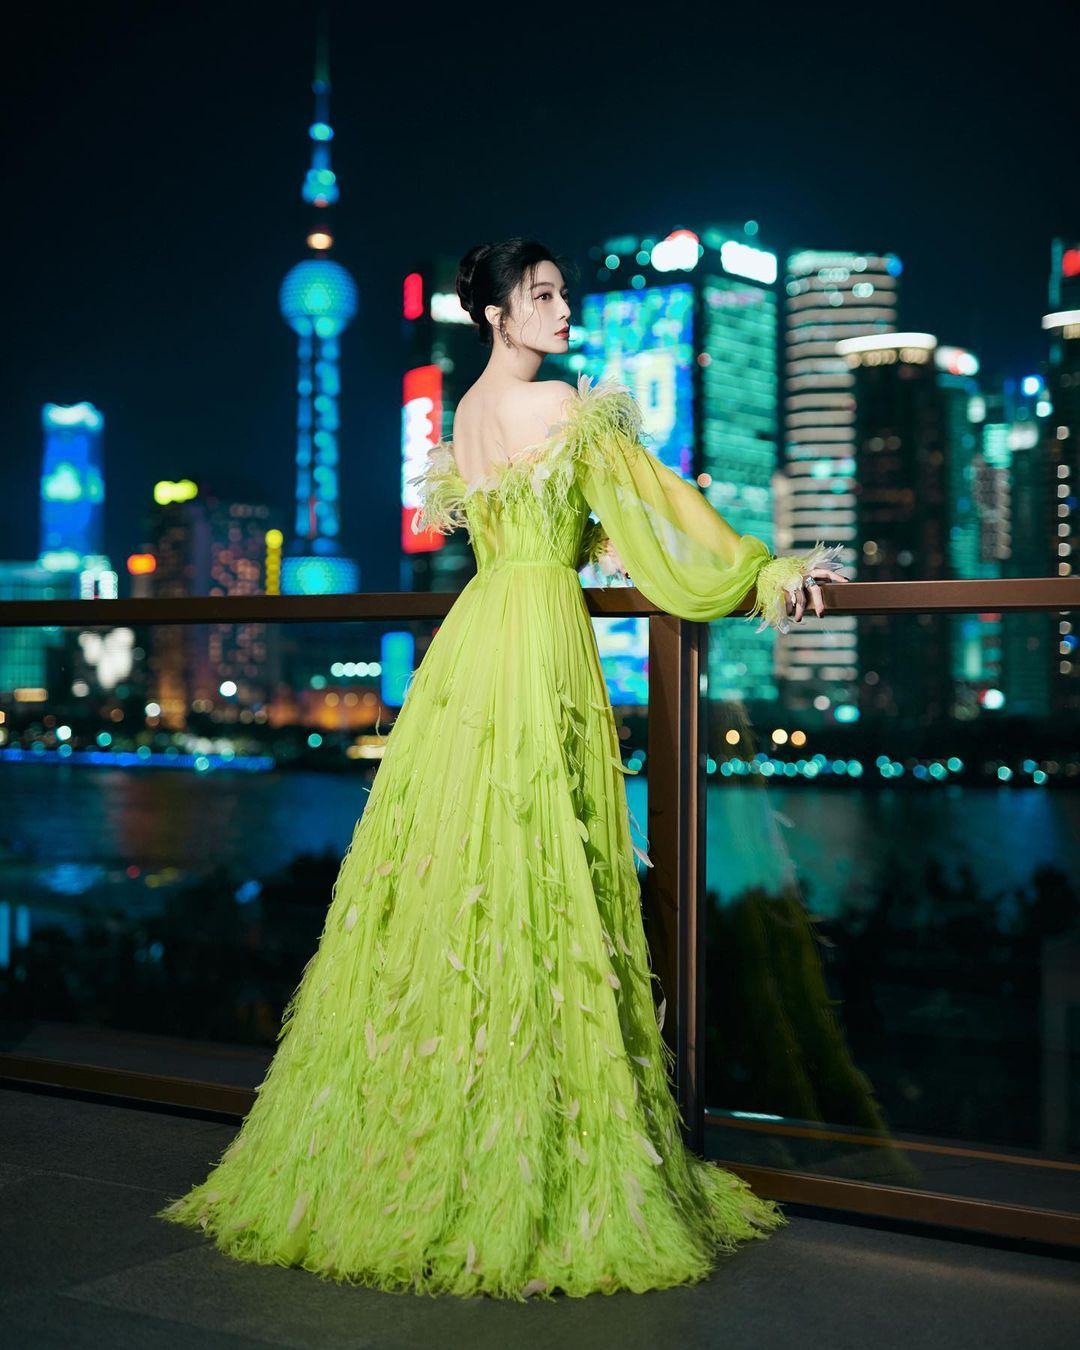 Nữ thần Kim Ưng Tống Thiến cùng chọn thương hiệu váy giống Phạm Băng Băng: Người xinh như tiên tử, người mặc lên nhìn như hàng chợ 3